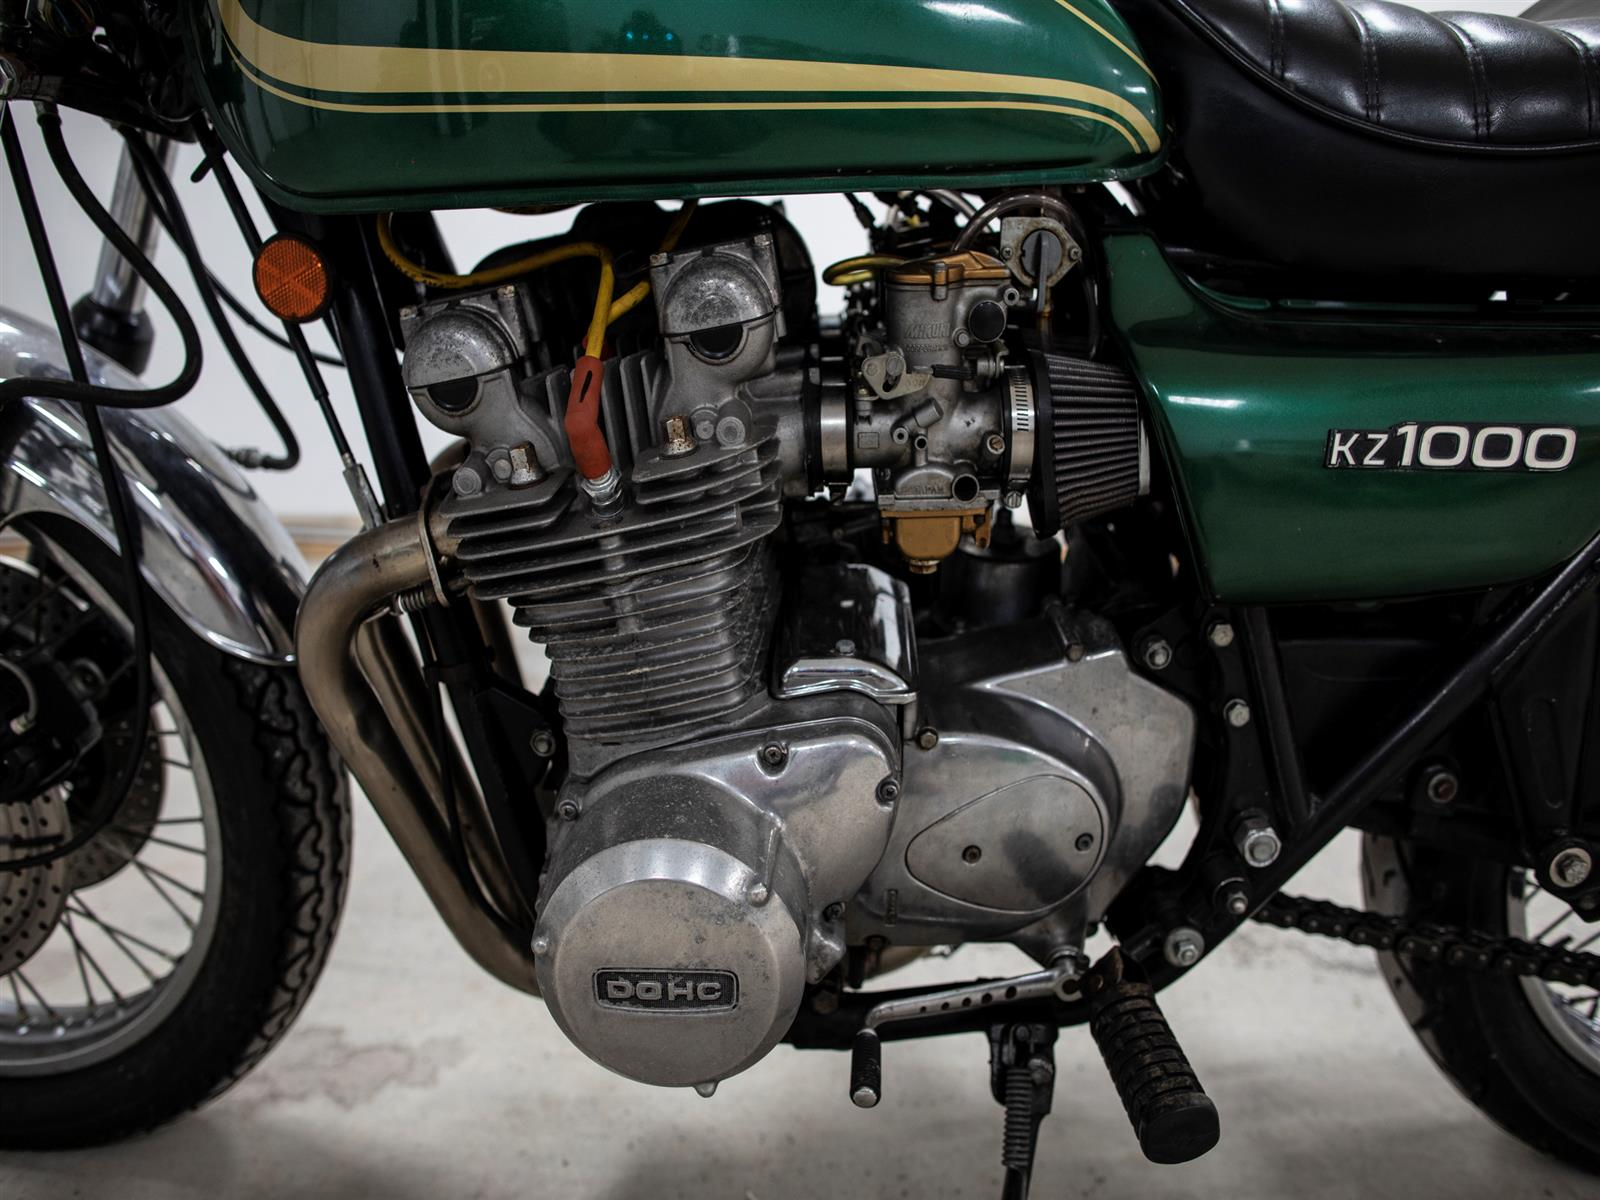 1978 Kawasaki KZ1000 KZ1000